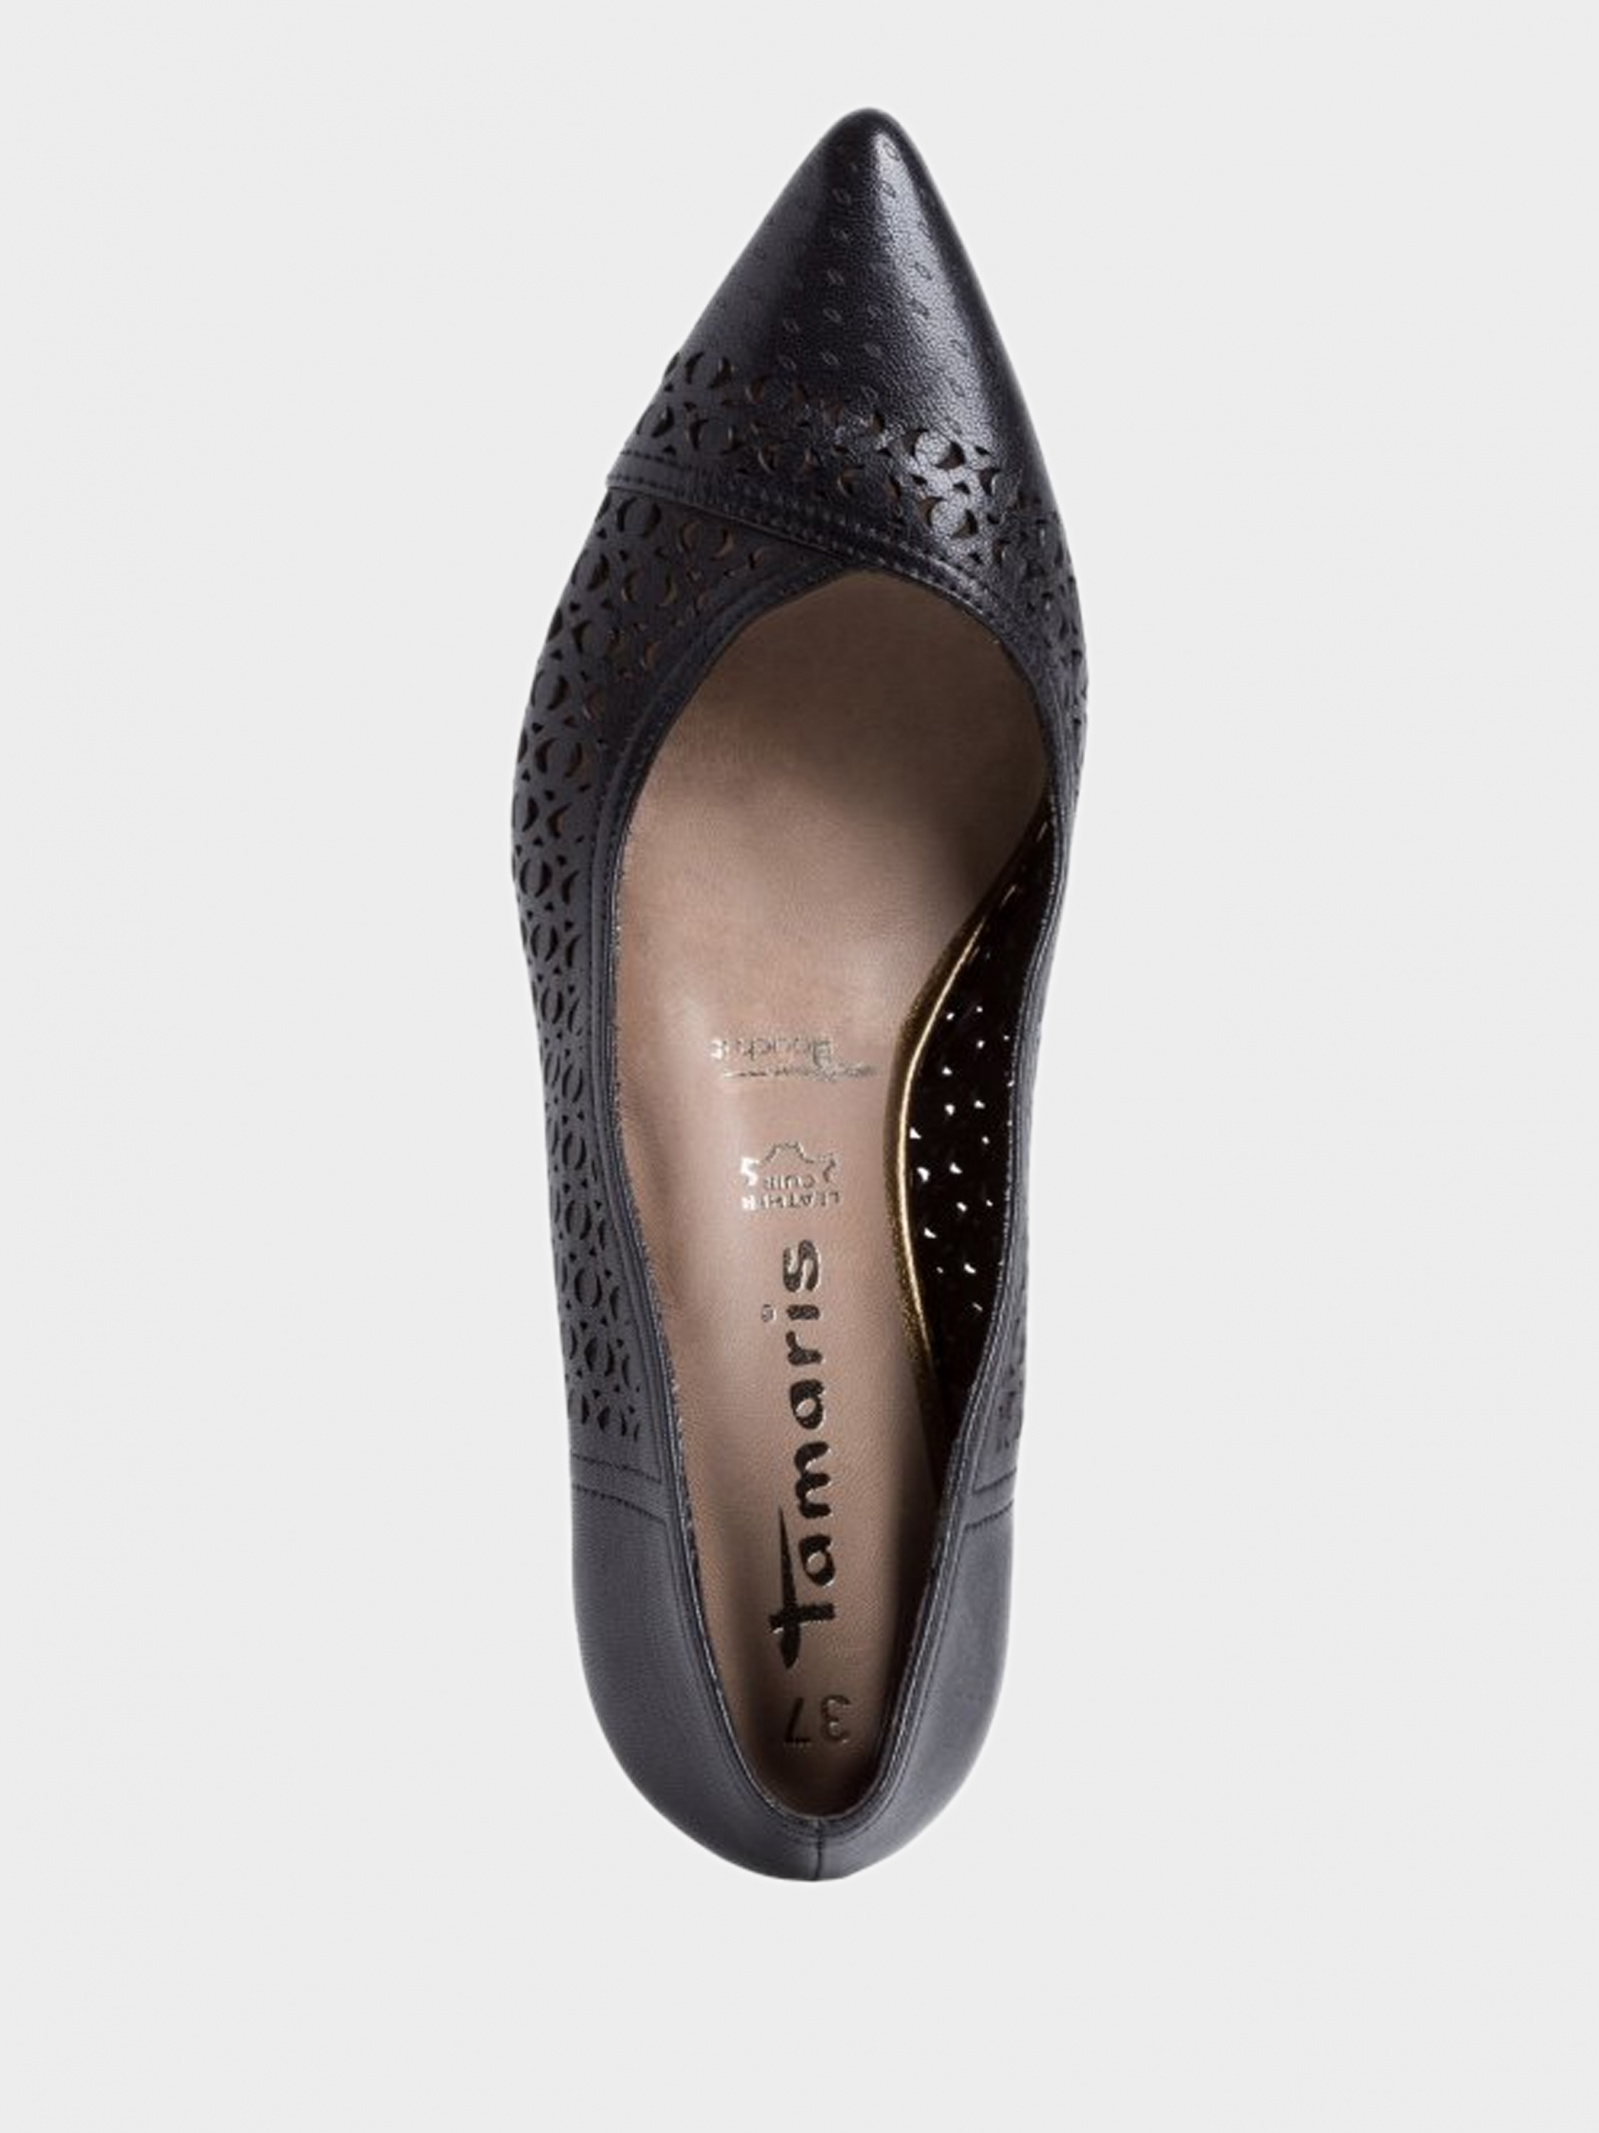 Туфлі  для жінок Tamaris 22419-24-001 black купити в Iнтертоп, 2017